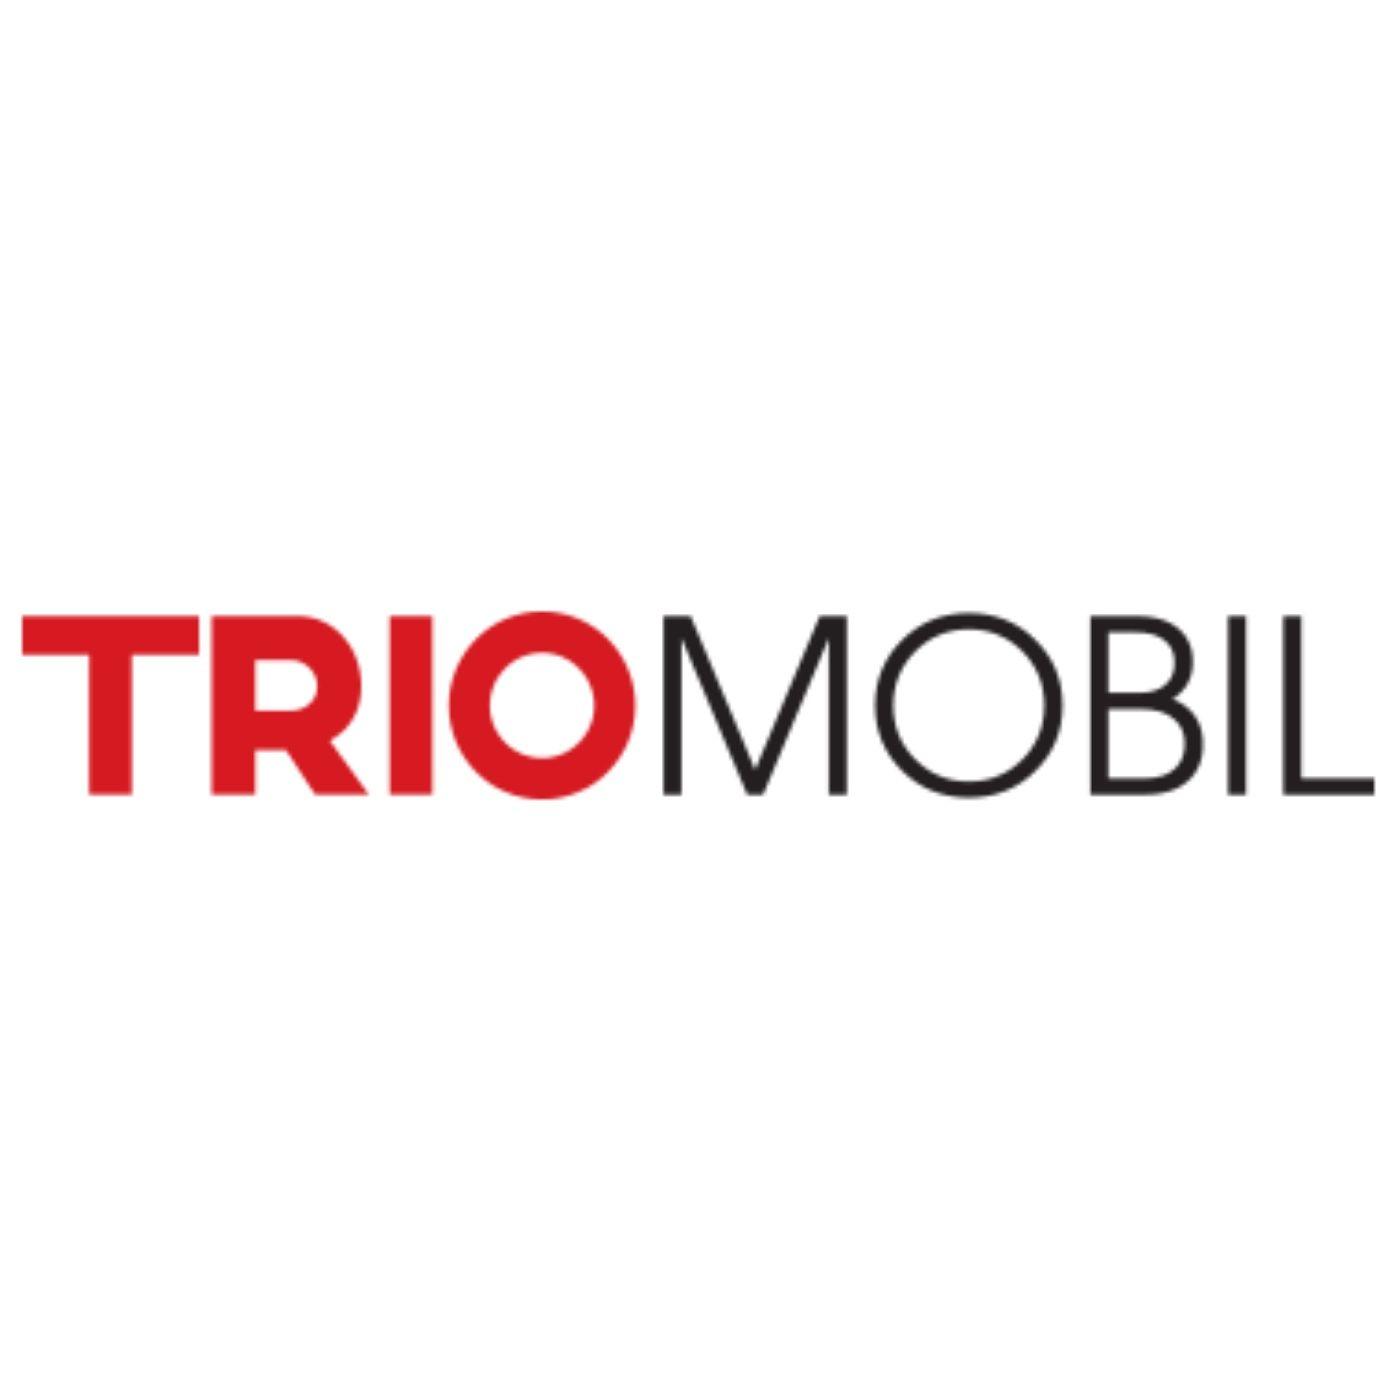 #75 Trio Mobil Yurtdışına Nasıl Satış Gerçekleştiriyor? - Nevzat Ataklı